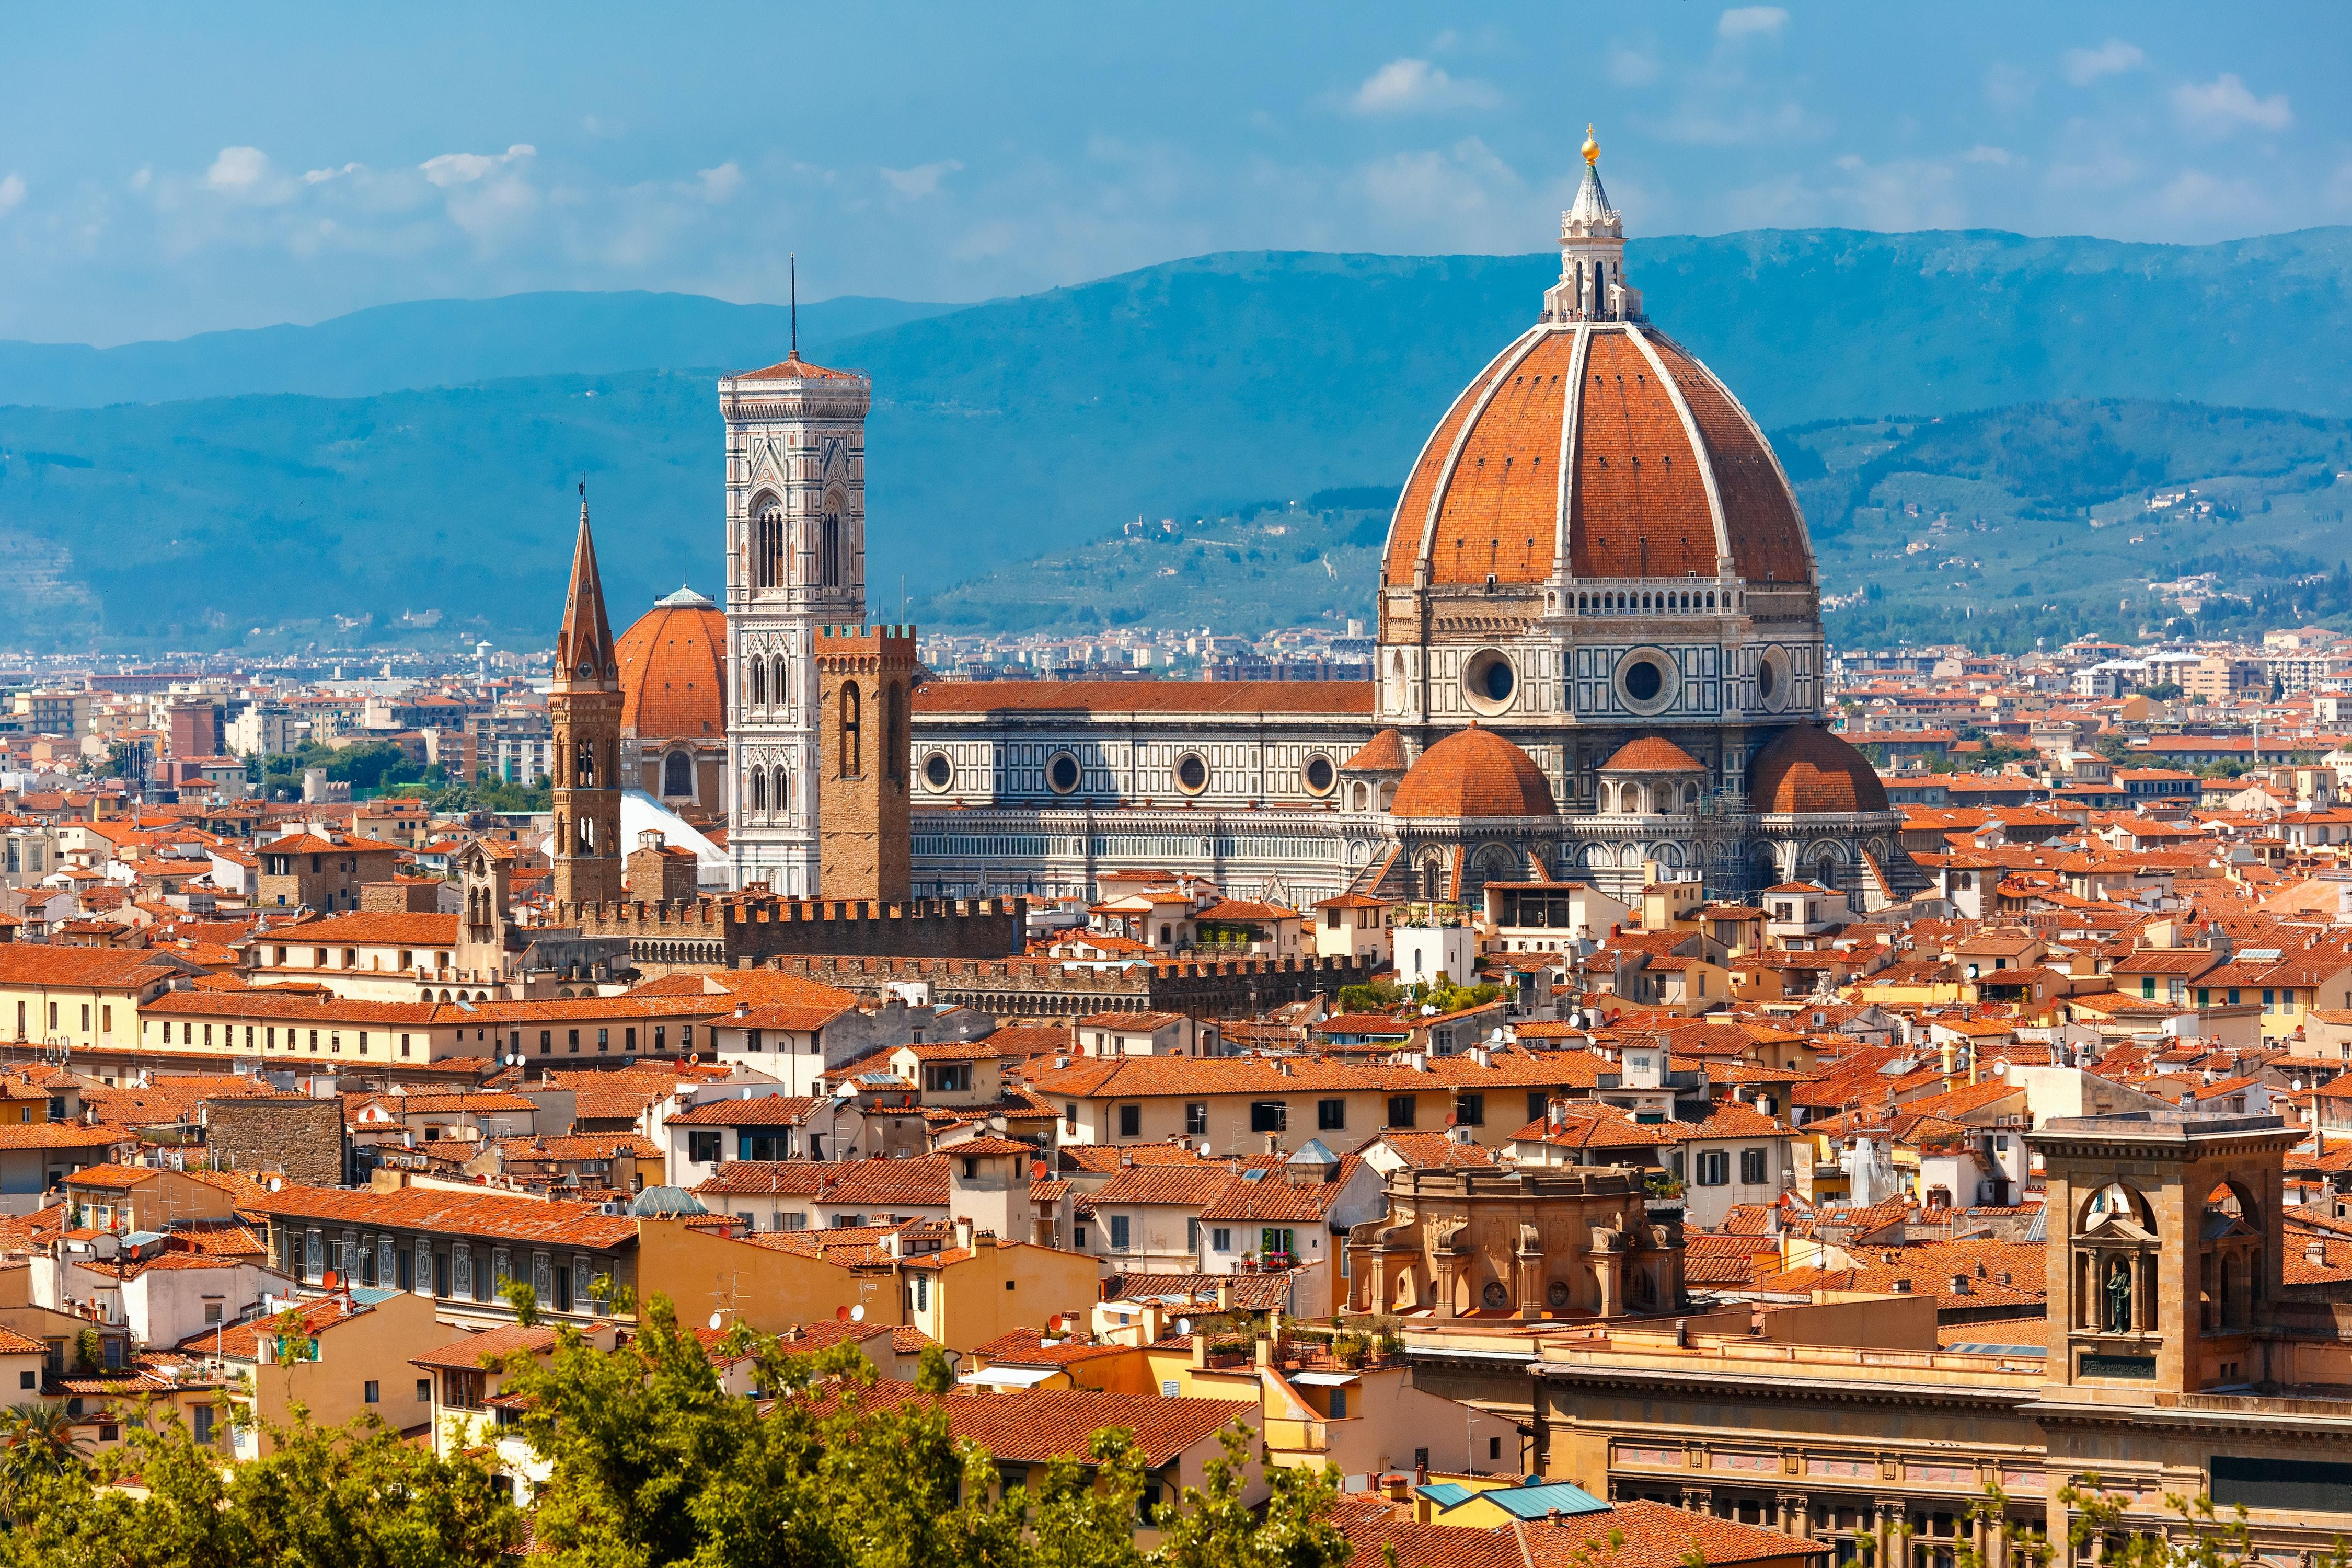 How Long To Tour Duomo